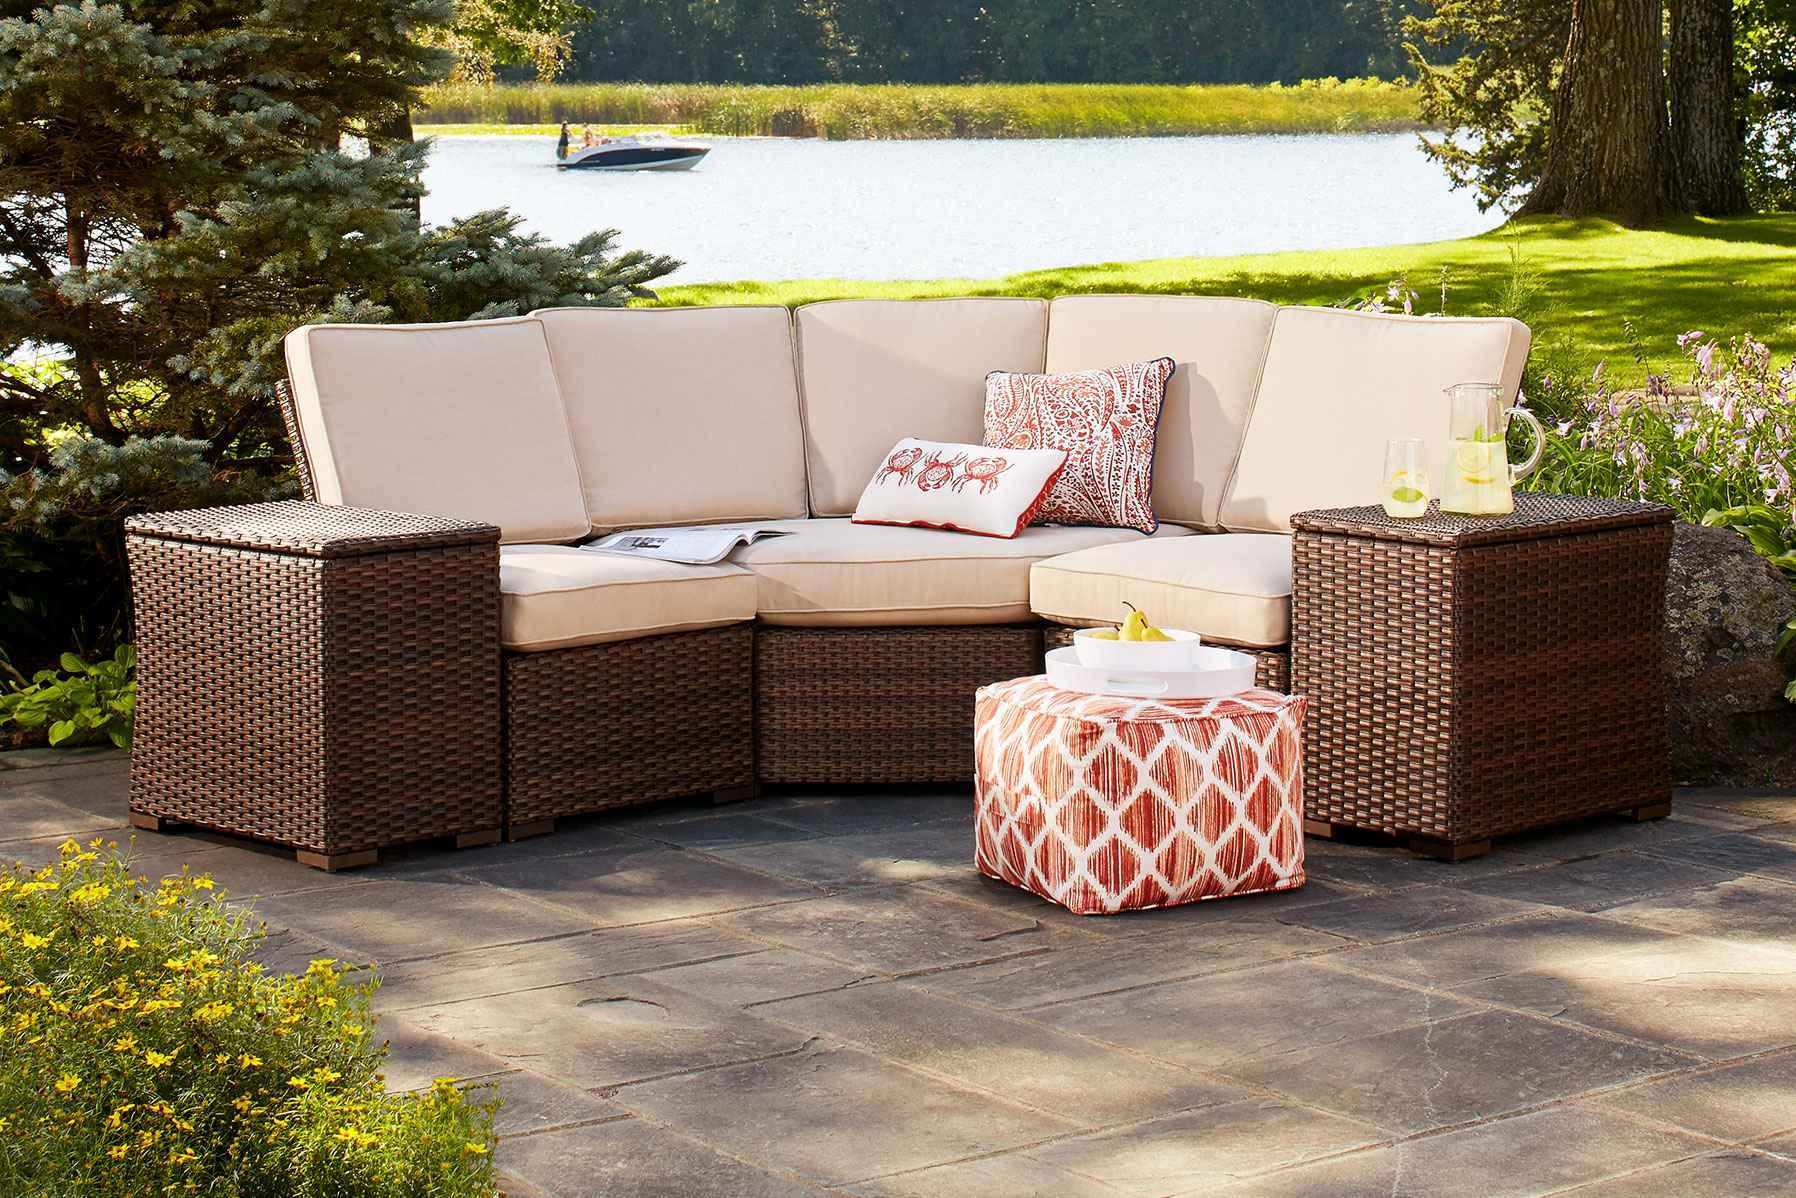 Patio Furniture: Outdoor Furniture & Patio Furniture Sets : Target